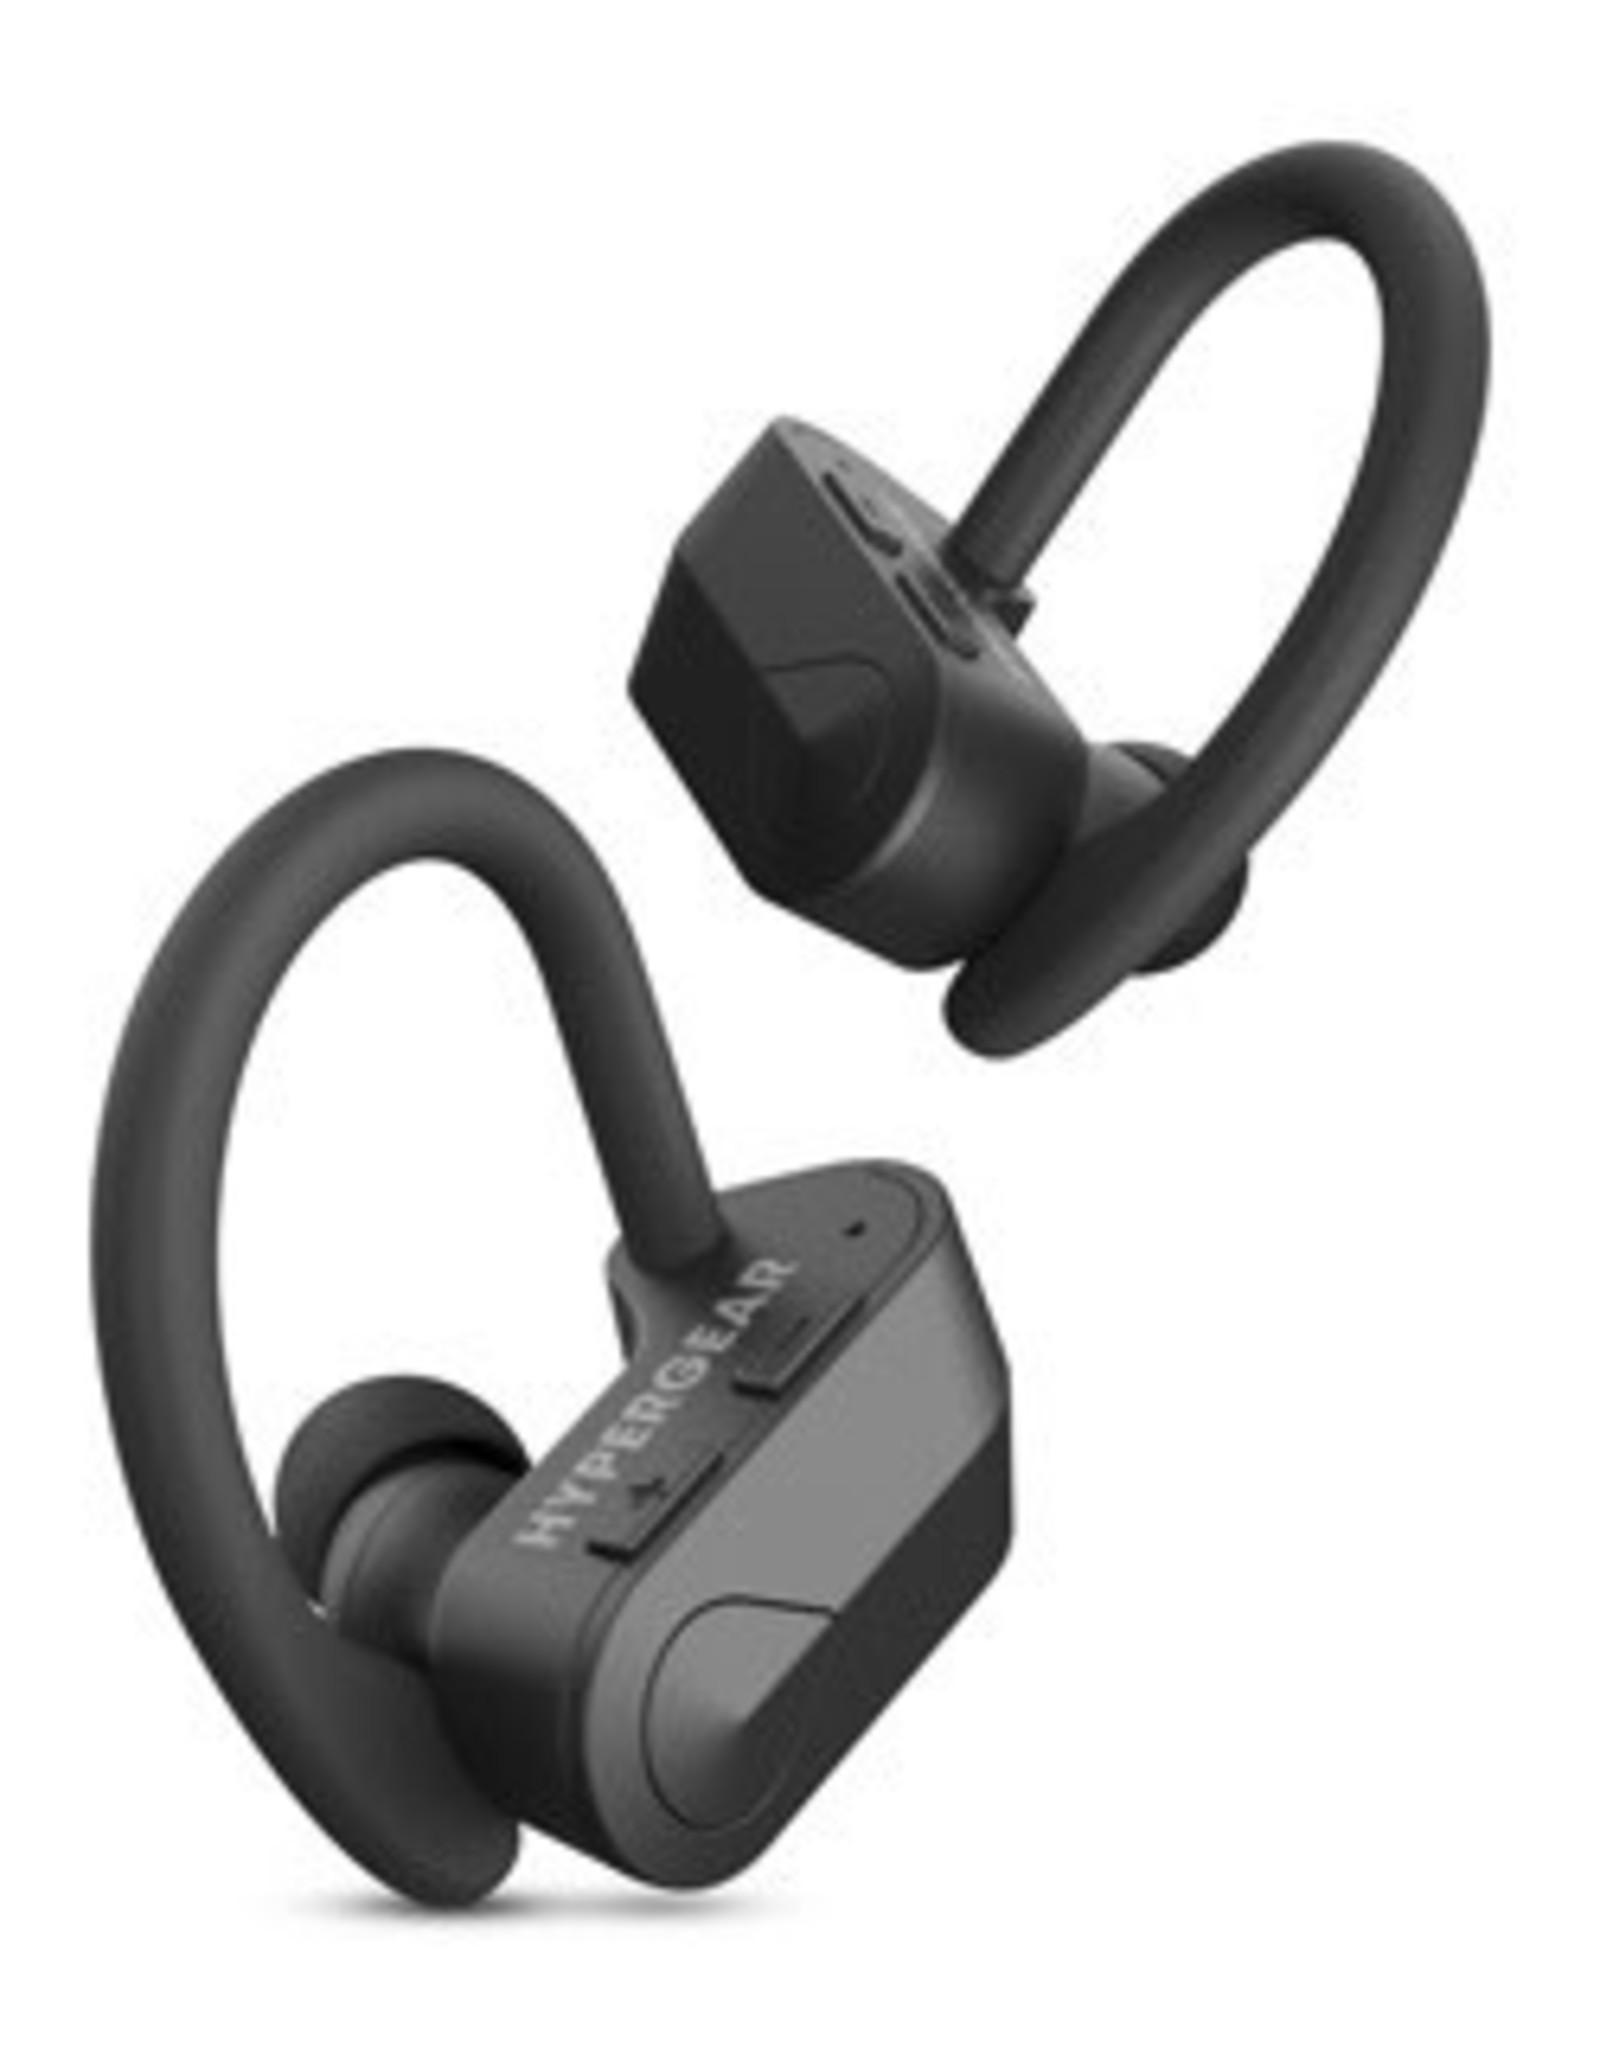 HyperGear | Sport X2 True Wireless Earphones 15-07655